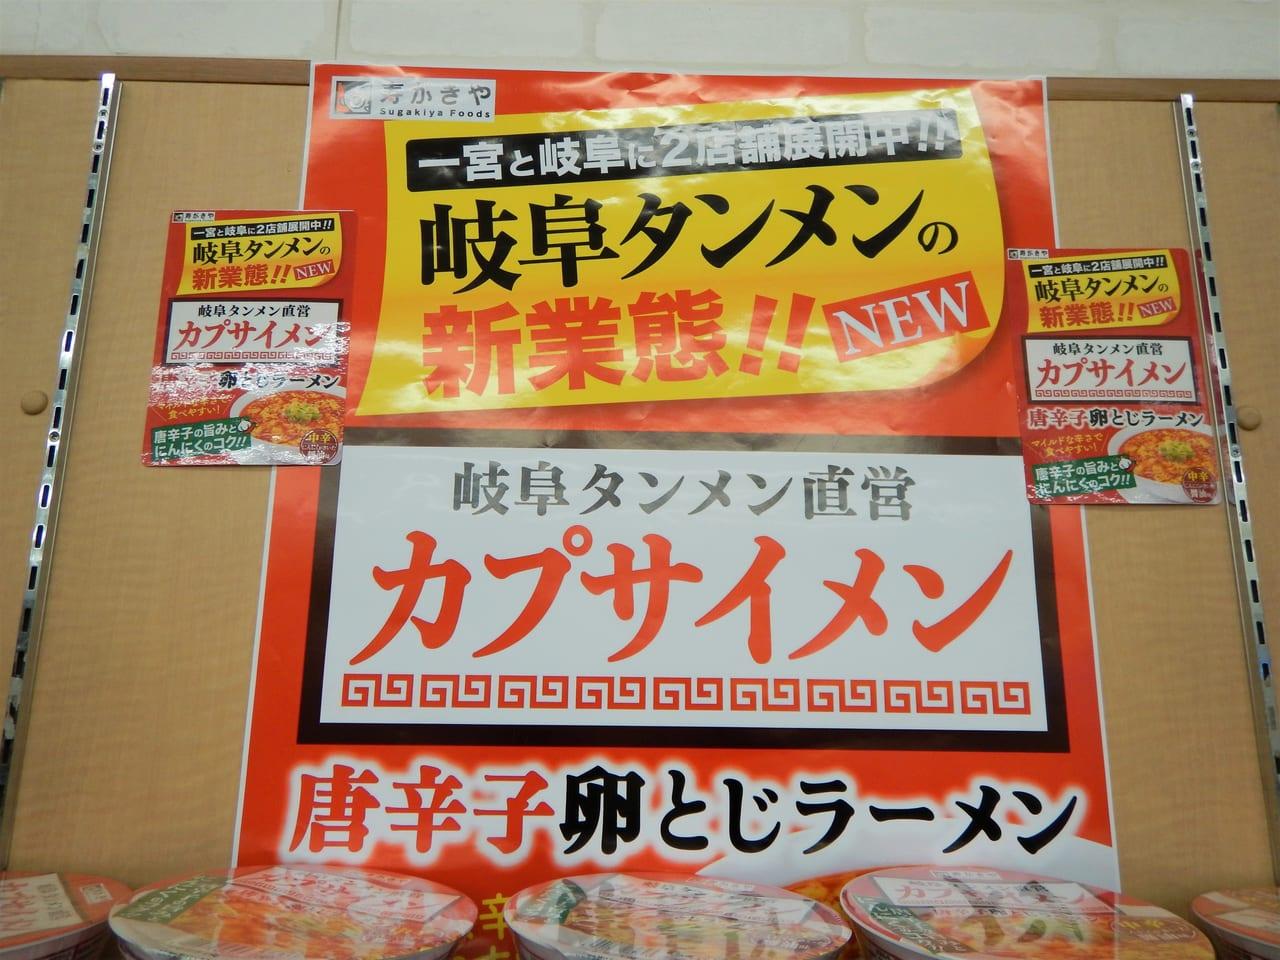 一宮駅コンコースにあるキオスクで販売 岐阜タンメン直営 岐阜カプサイメン 唐辛子卵とじラーメンのカップ麺が売っていた場所 2021年4月12日発売開始